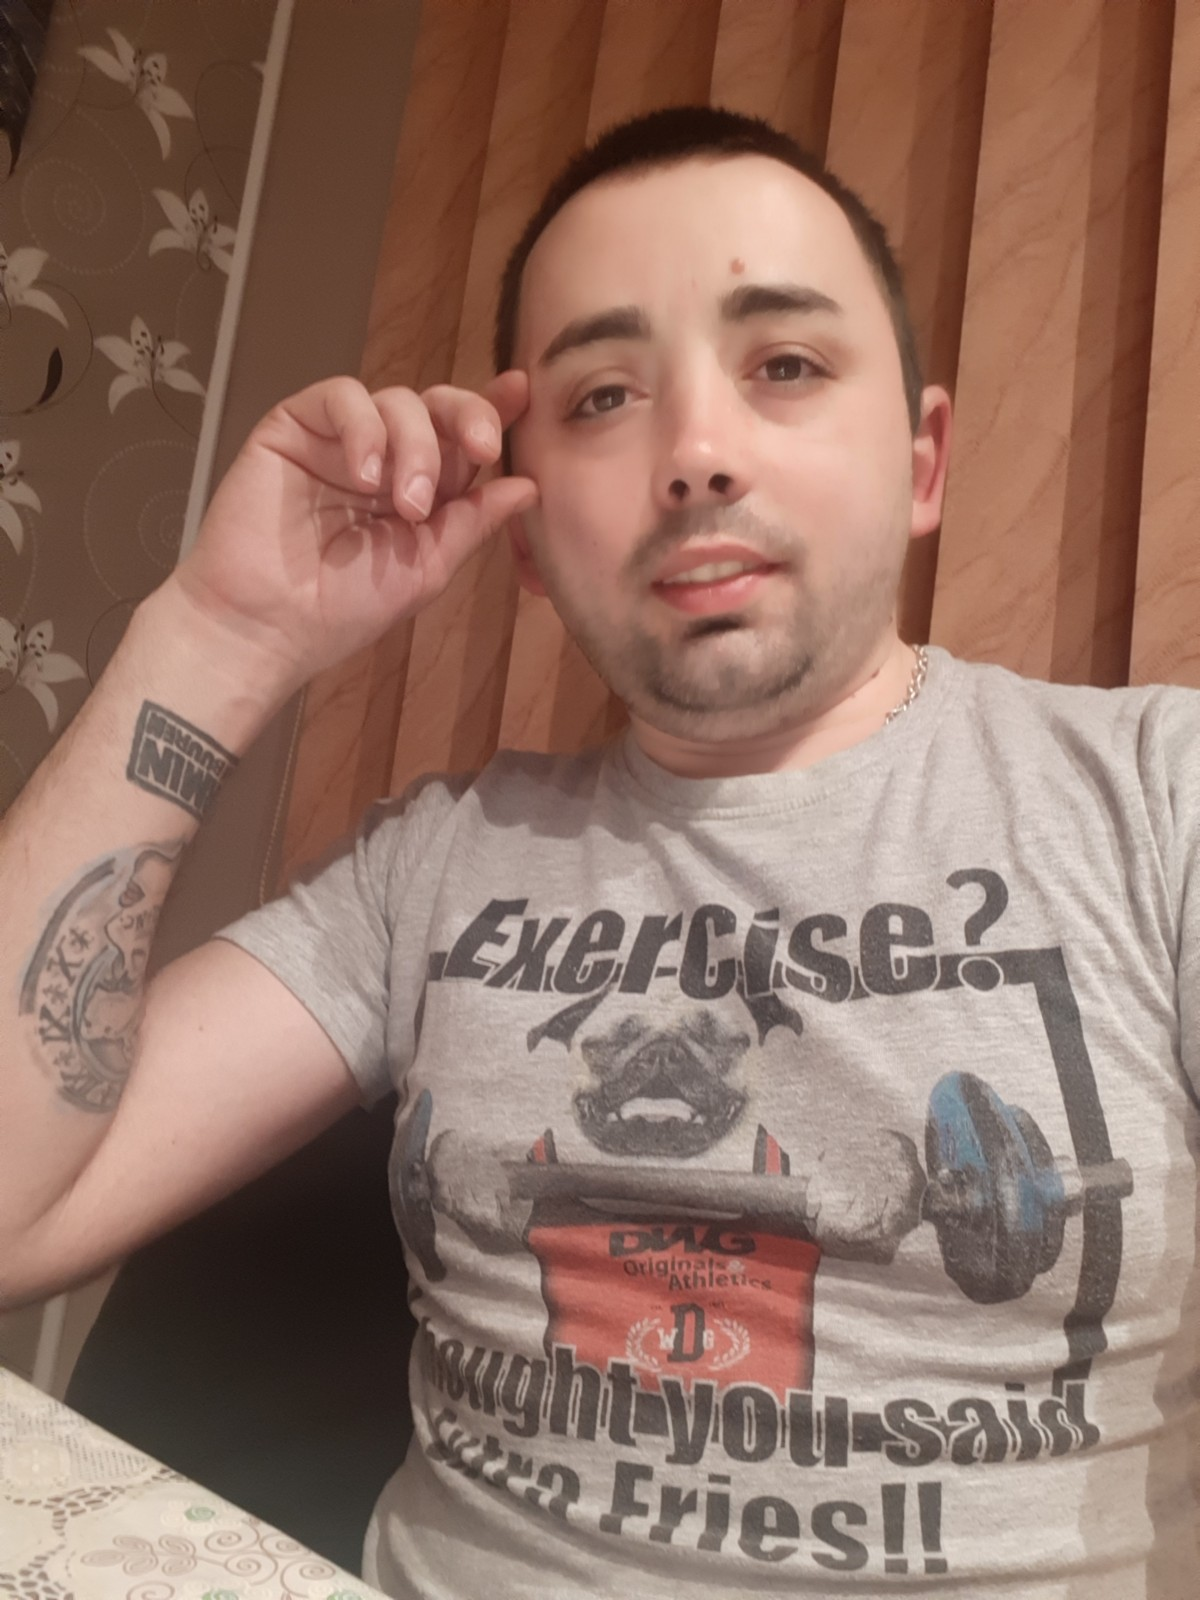 un bărbat din Cluj-Napoca care cauta Femei divorțată din Iași)